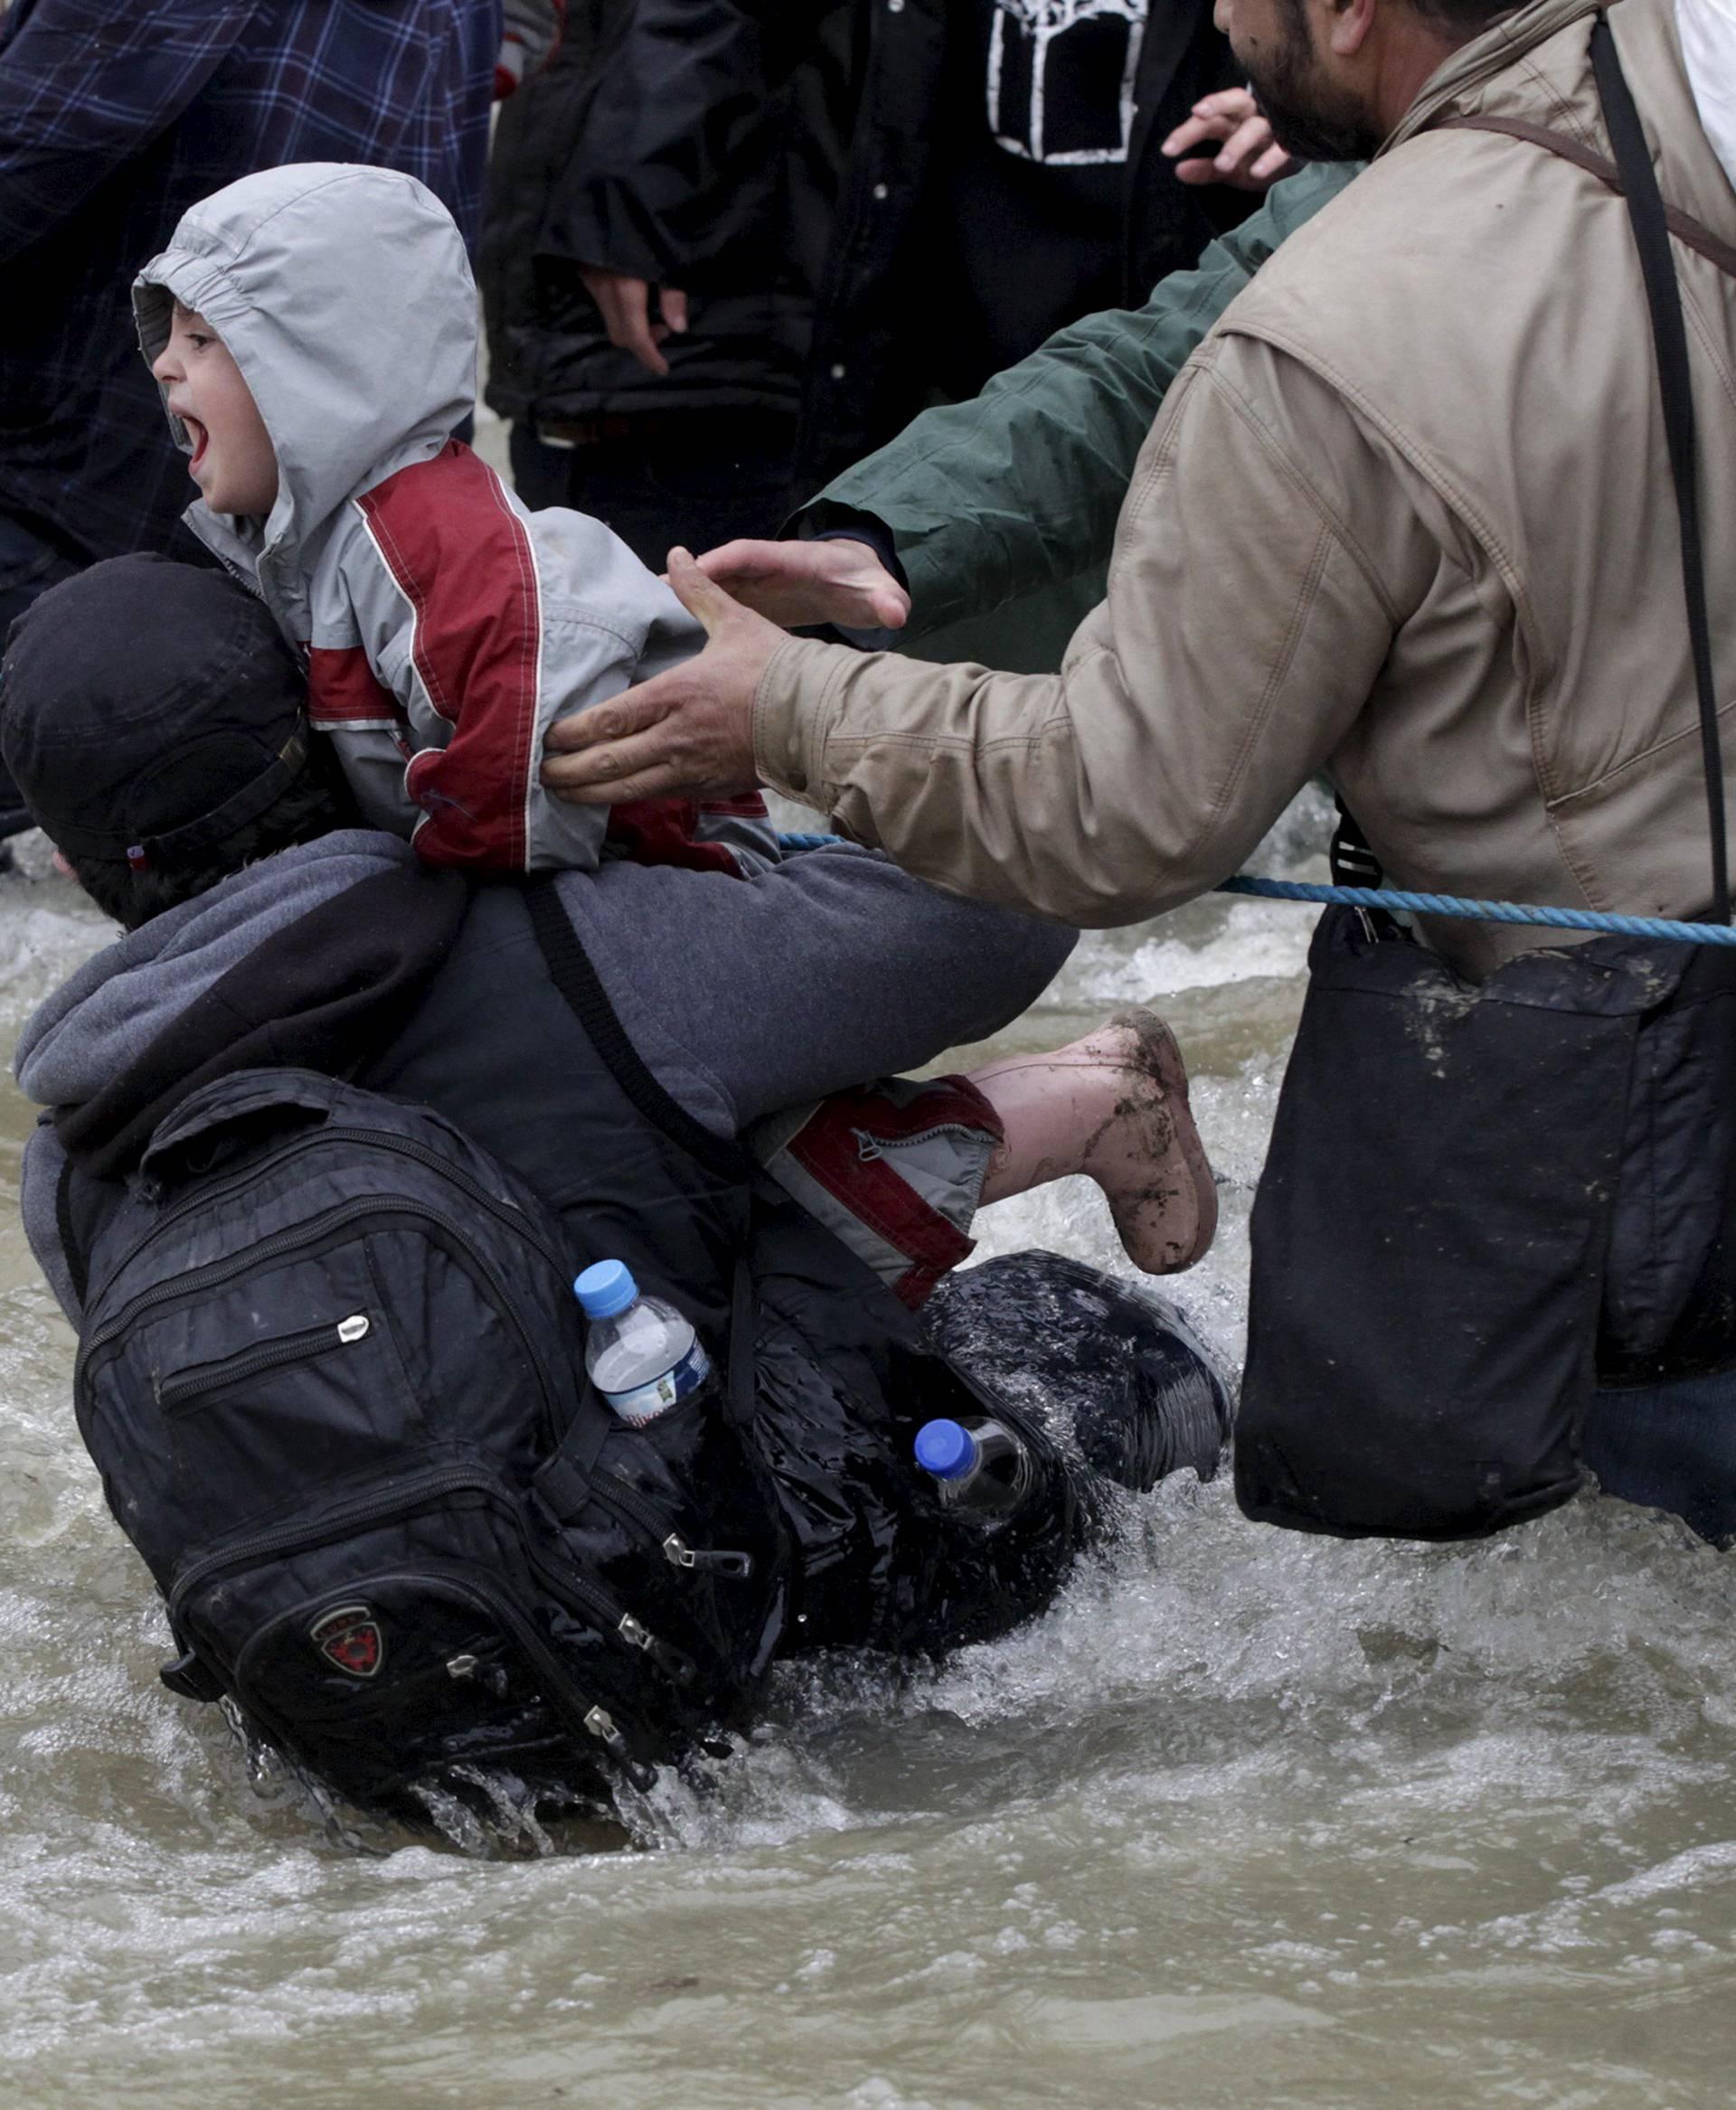 Kaos na grčkoj granici: Stotine migranata  probile kroz ogradu